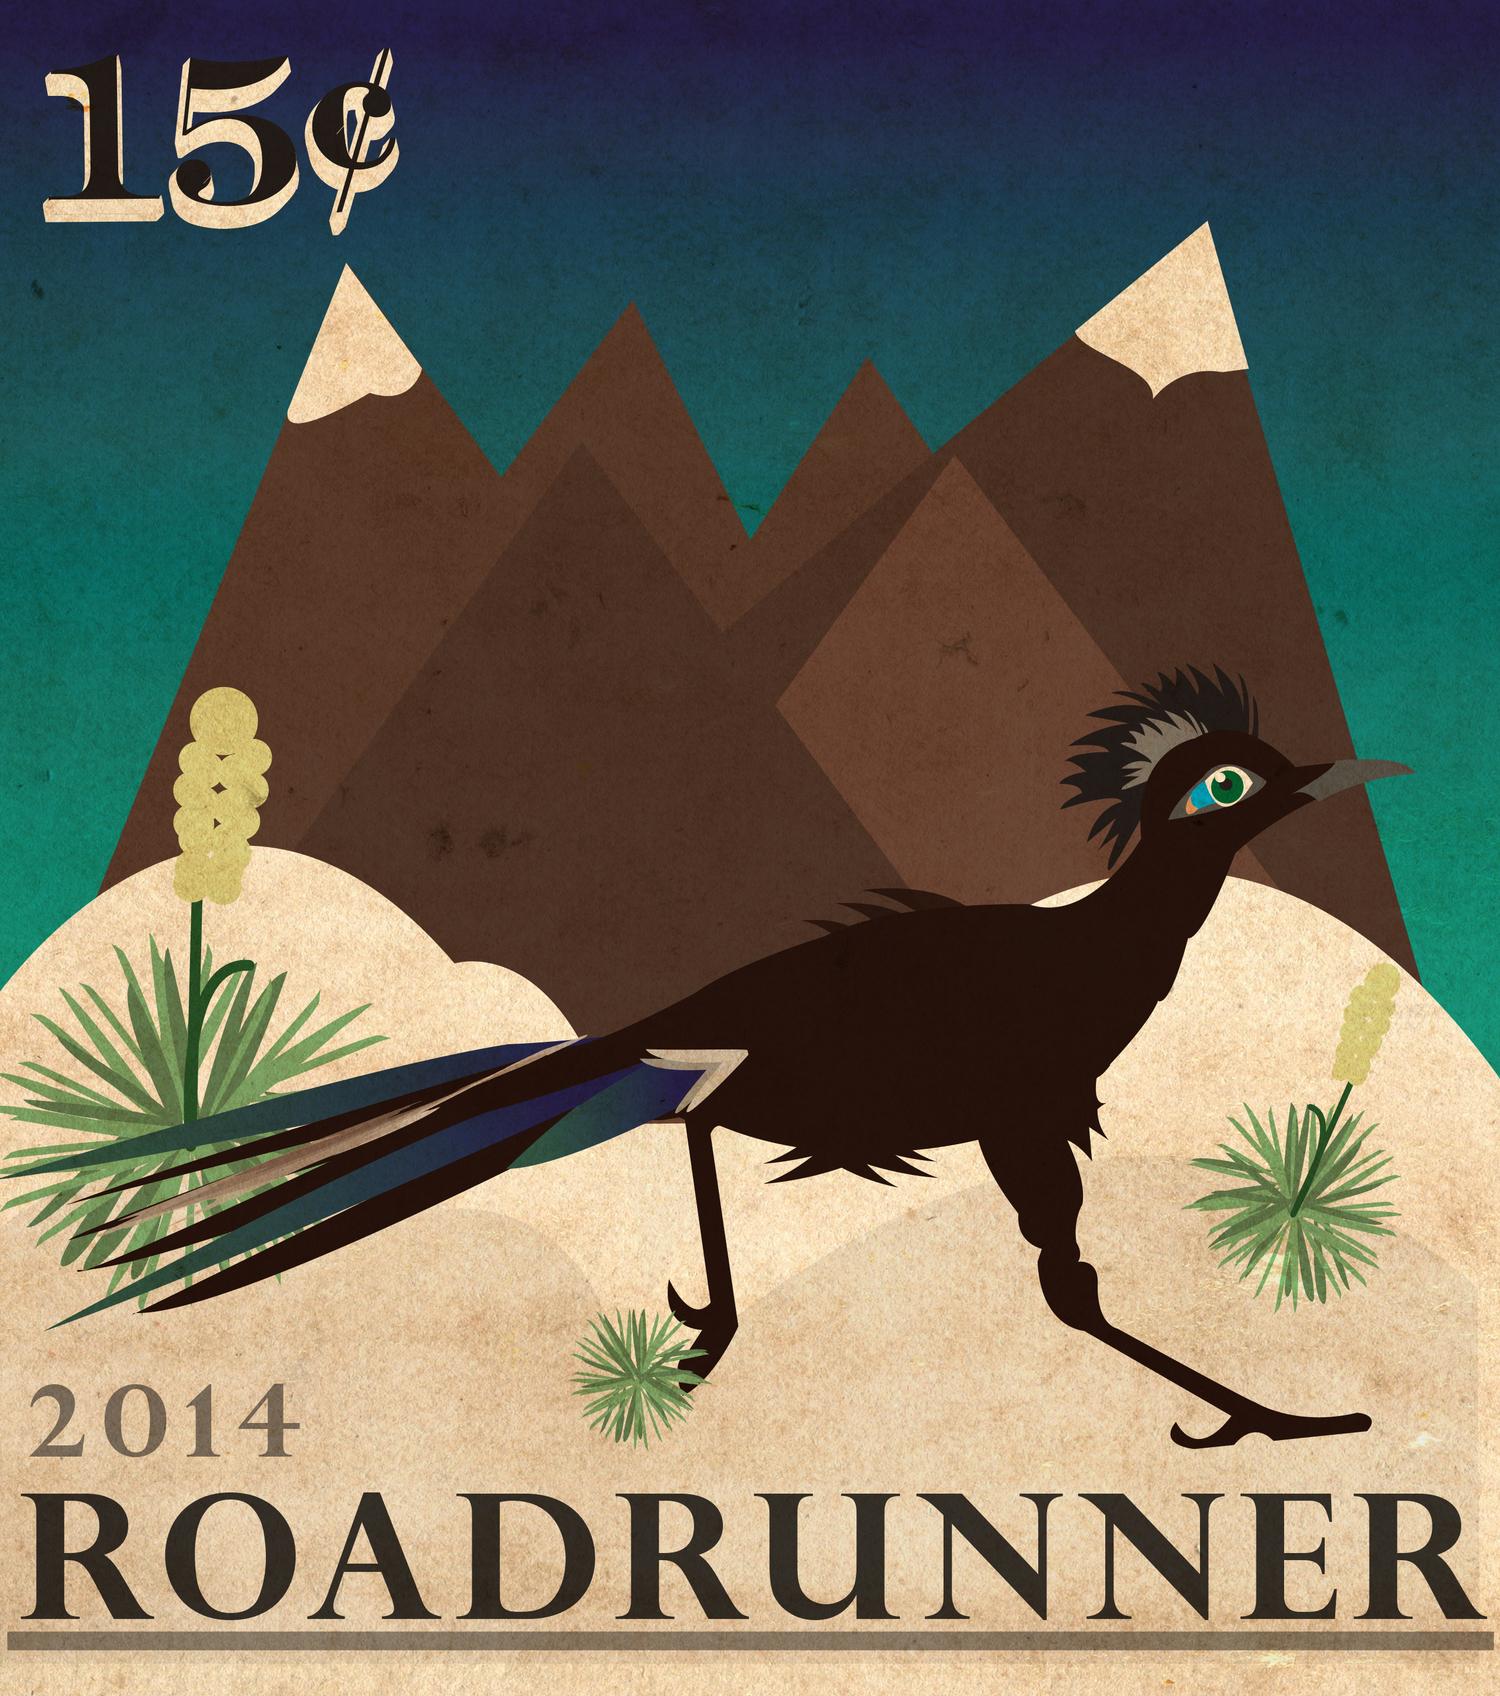 Roadrunner Stamp